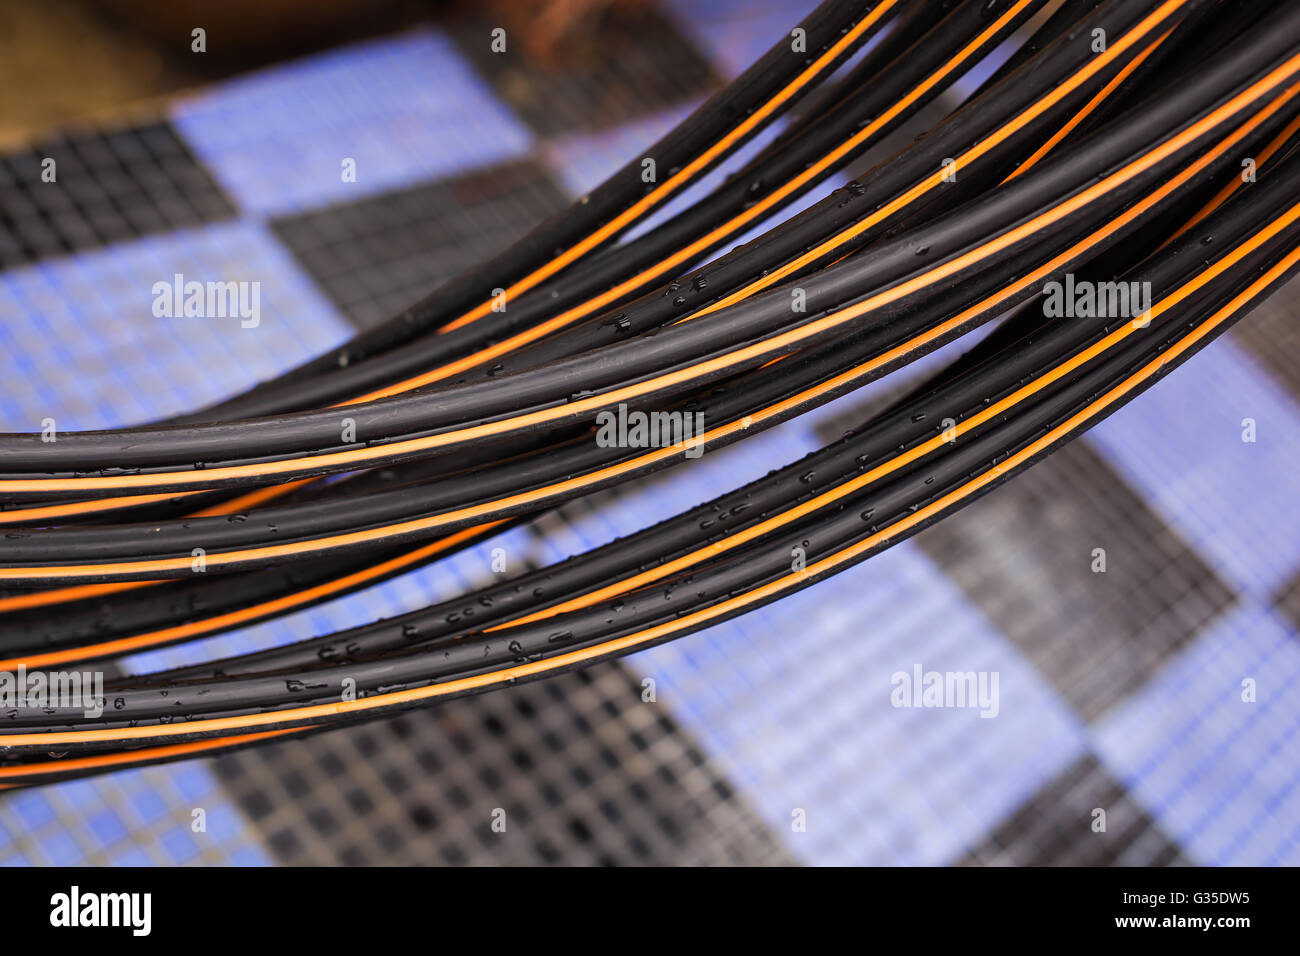 Electricity Cables In Bangkok Thailand Stockfotos & Electricity ...